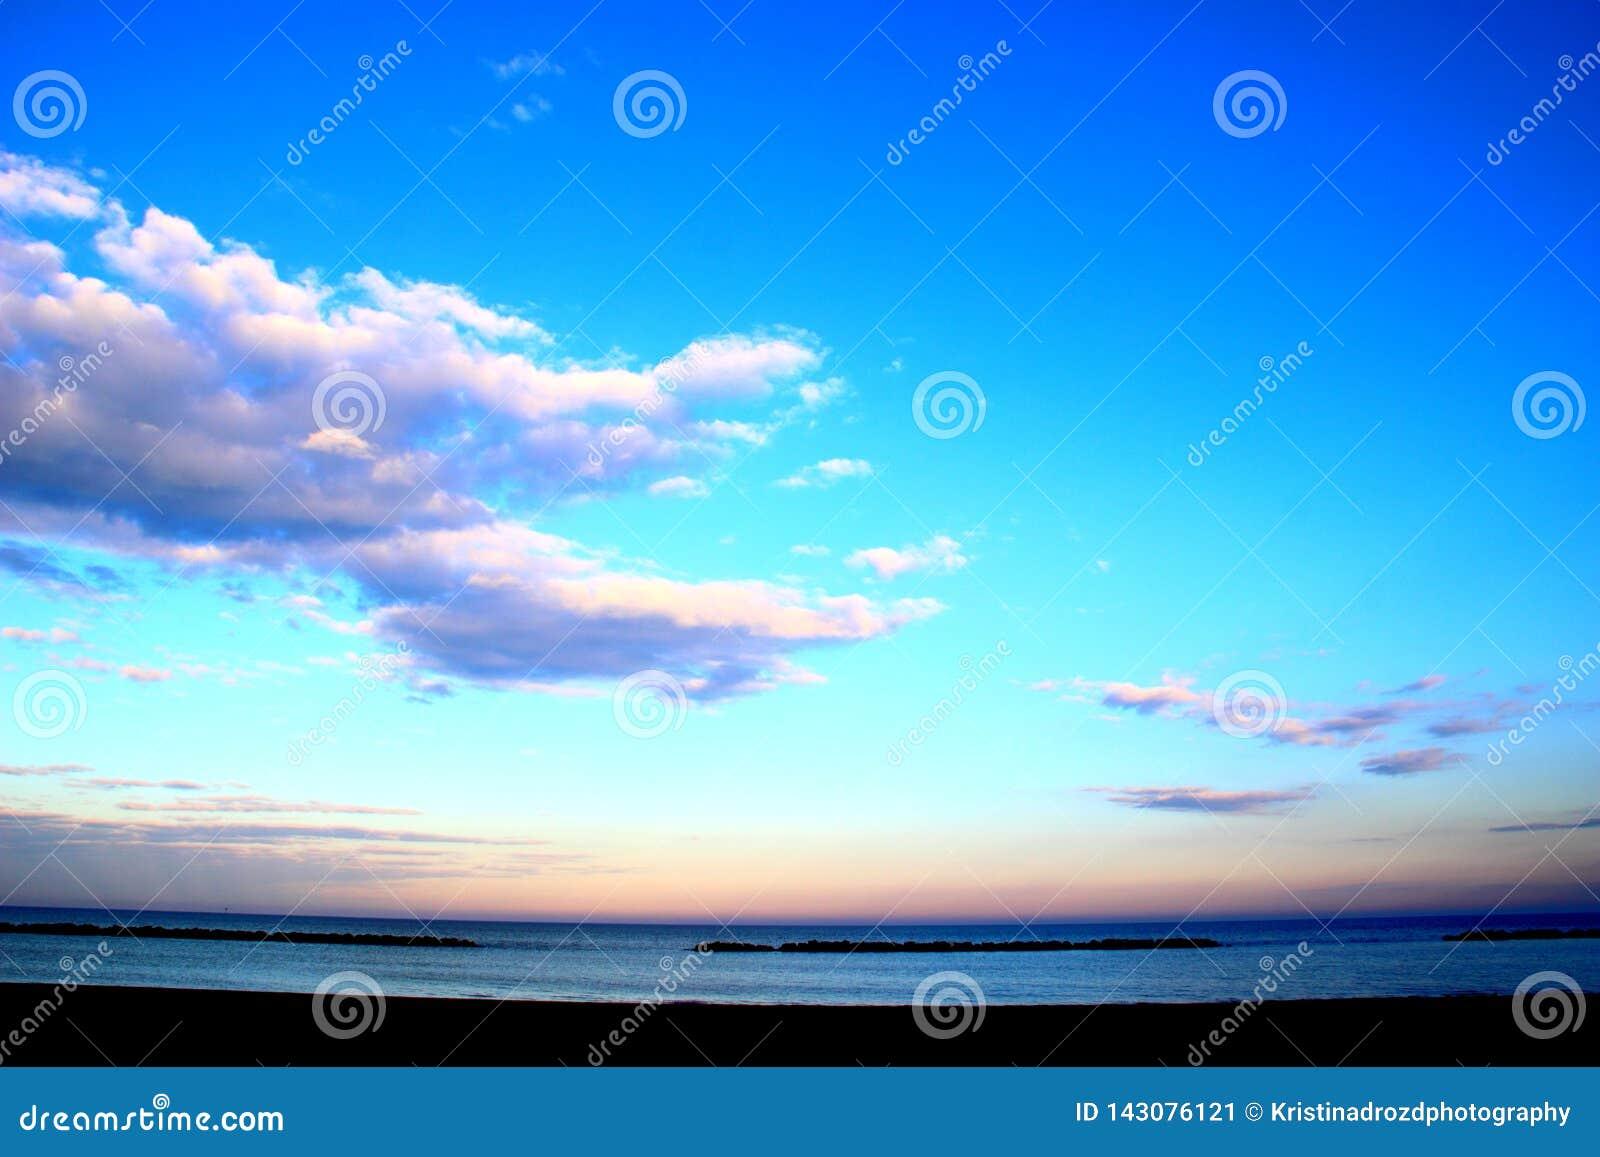 Céu com as nuvens etéreos sobre o mar